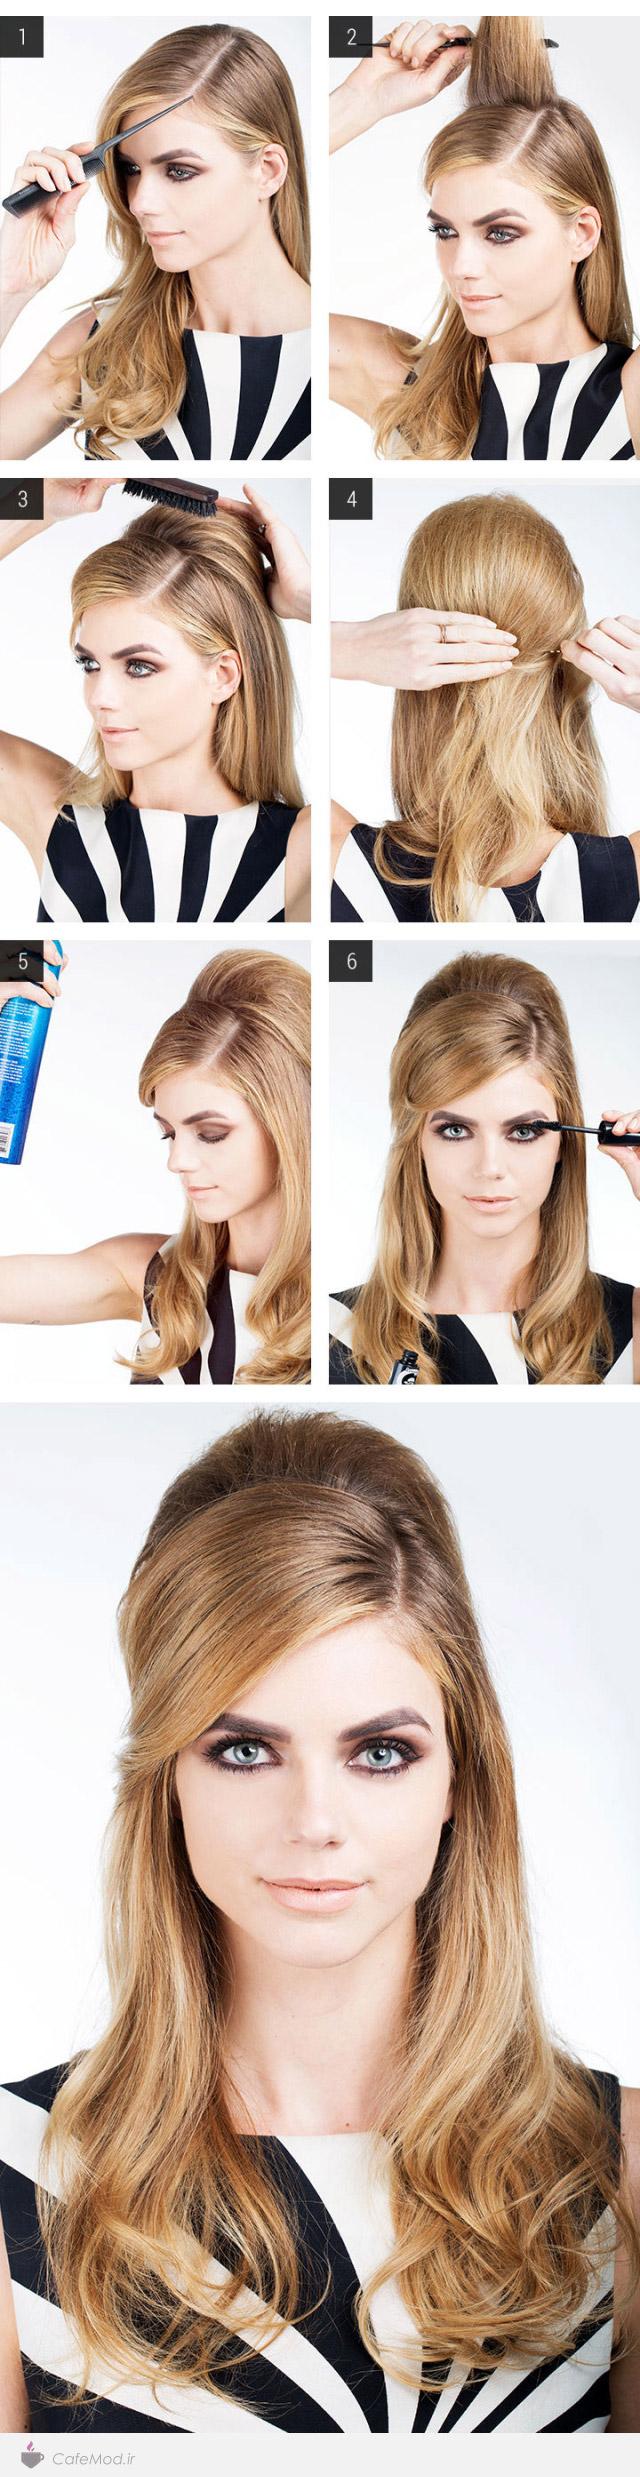 آموزش درست کردن مو باز